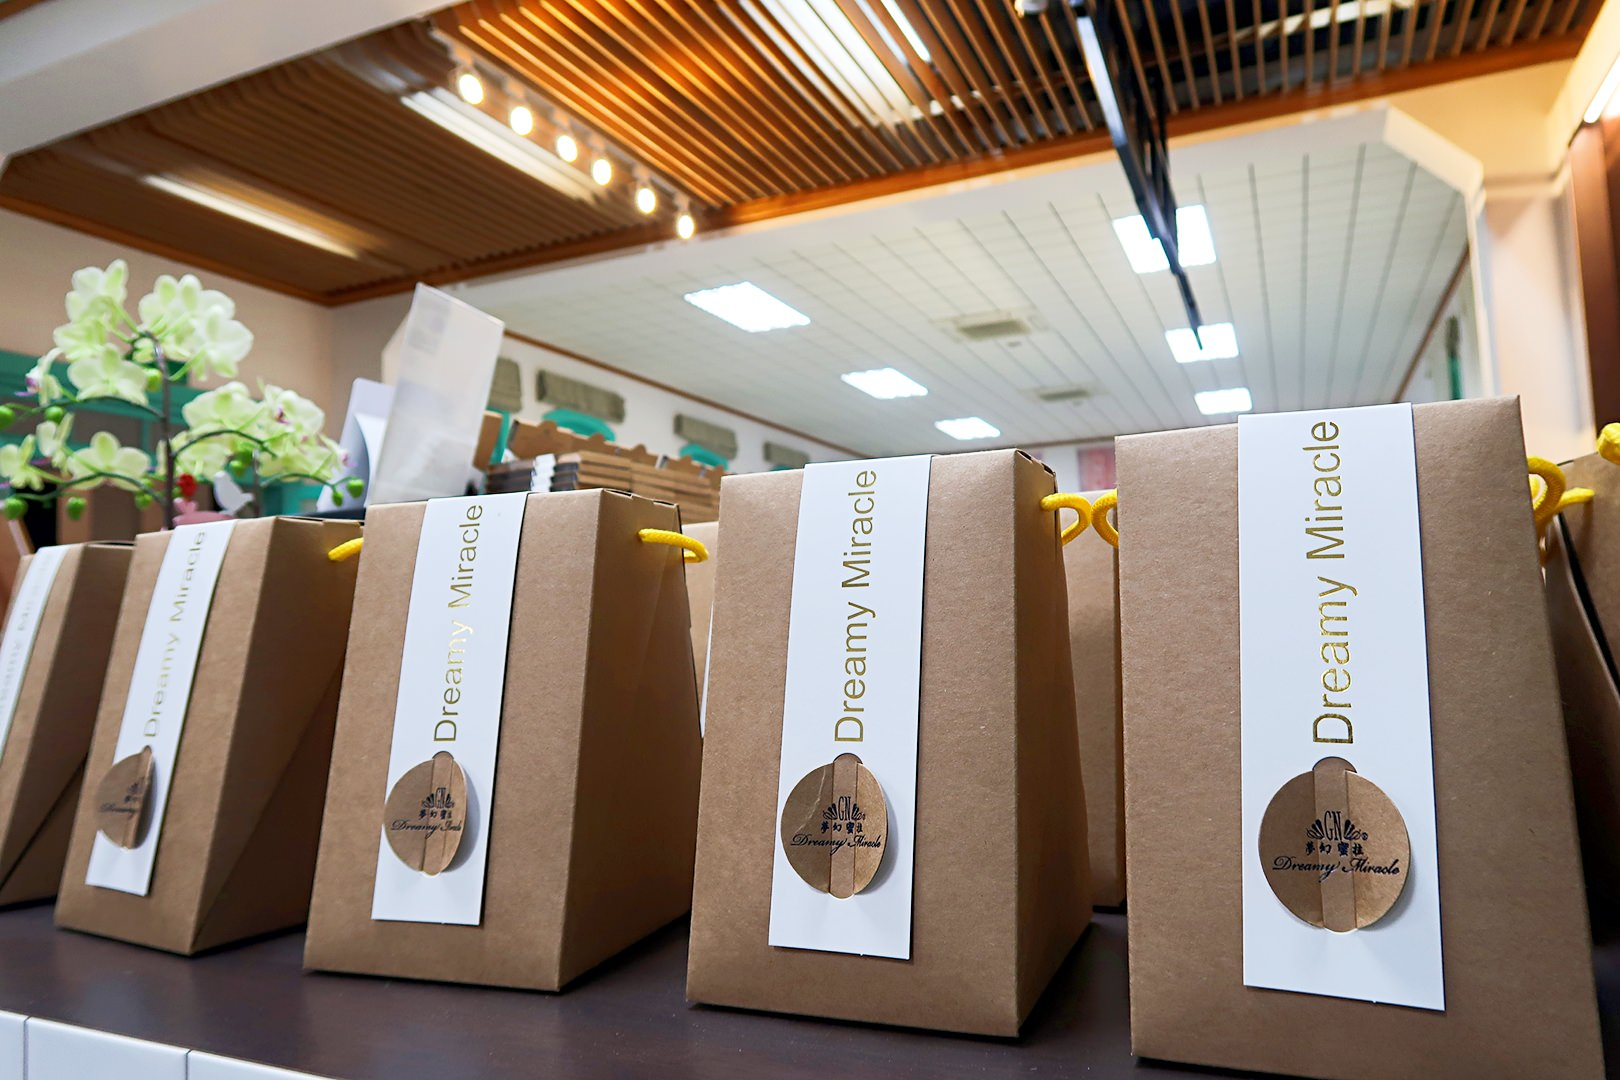 台南火車站美食|夢幻蜜拉Dreamy Miracle北門店新開幕,超人氣水果冰棒、夢幻漸層飲